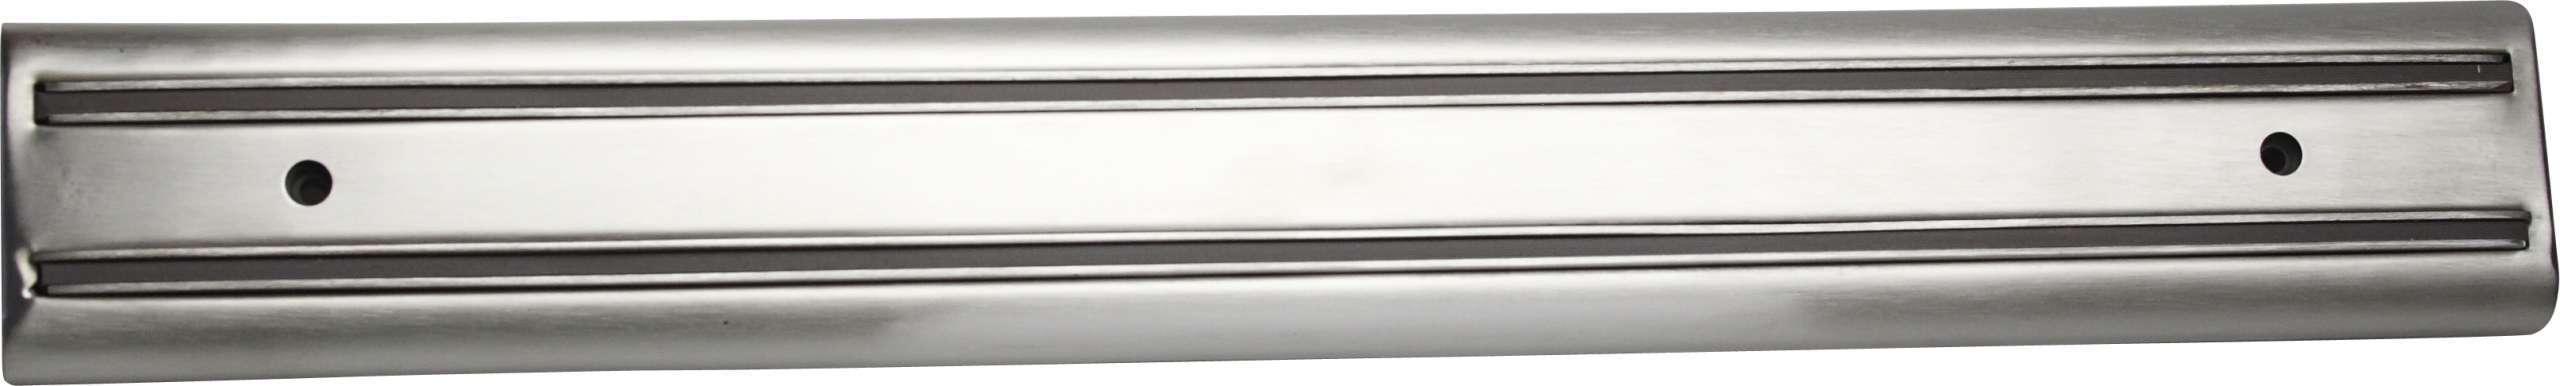 Магнитный держатель 450 мм купить в Санкт-Петербурге в магазине для поваров – For Chef Strore. Качественные товары. Быстрая доставка.